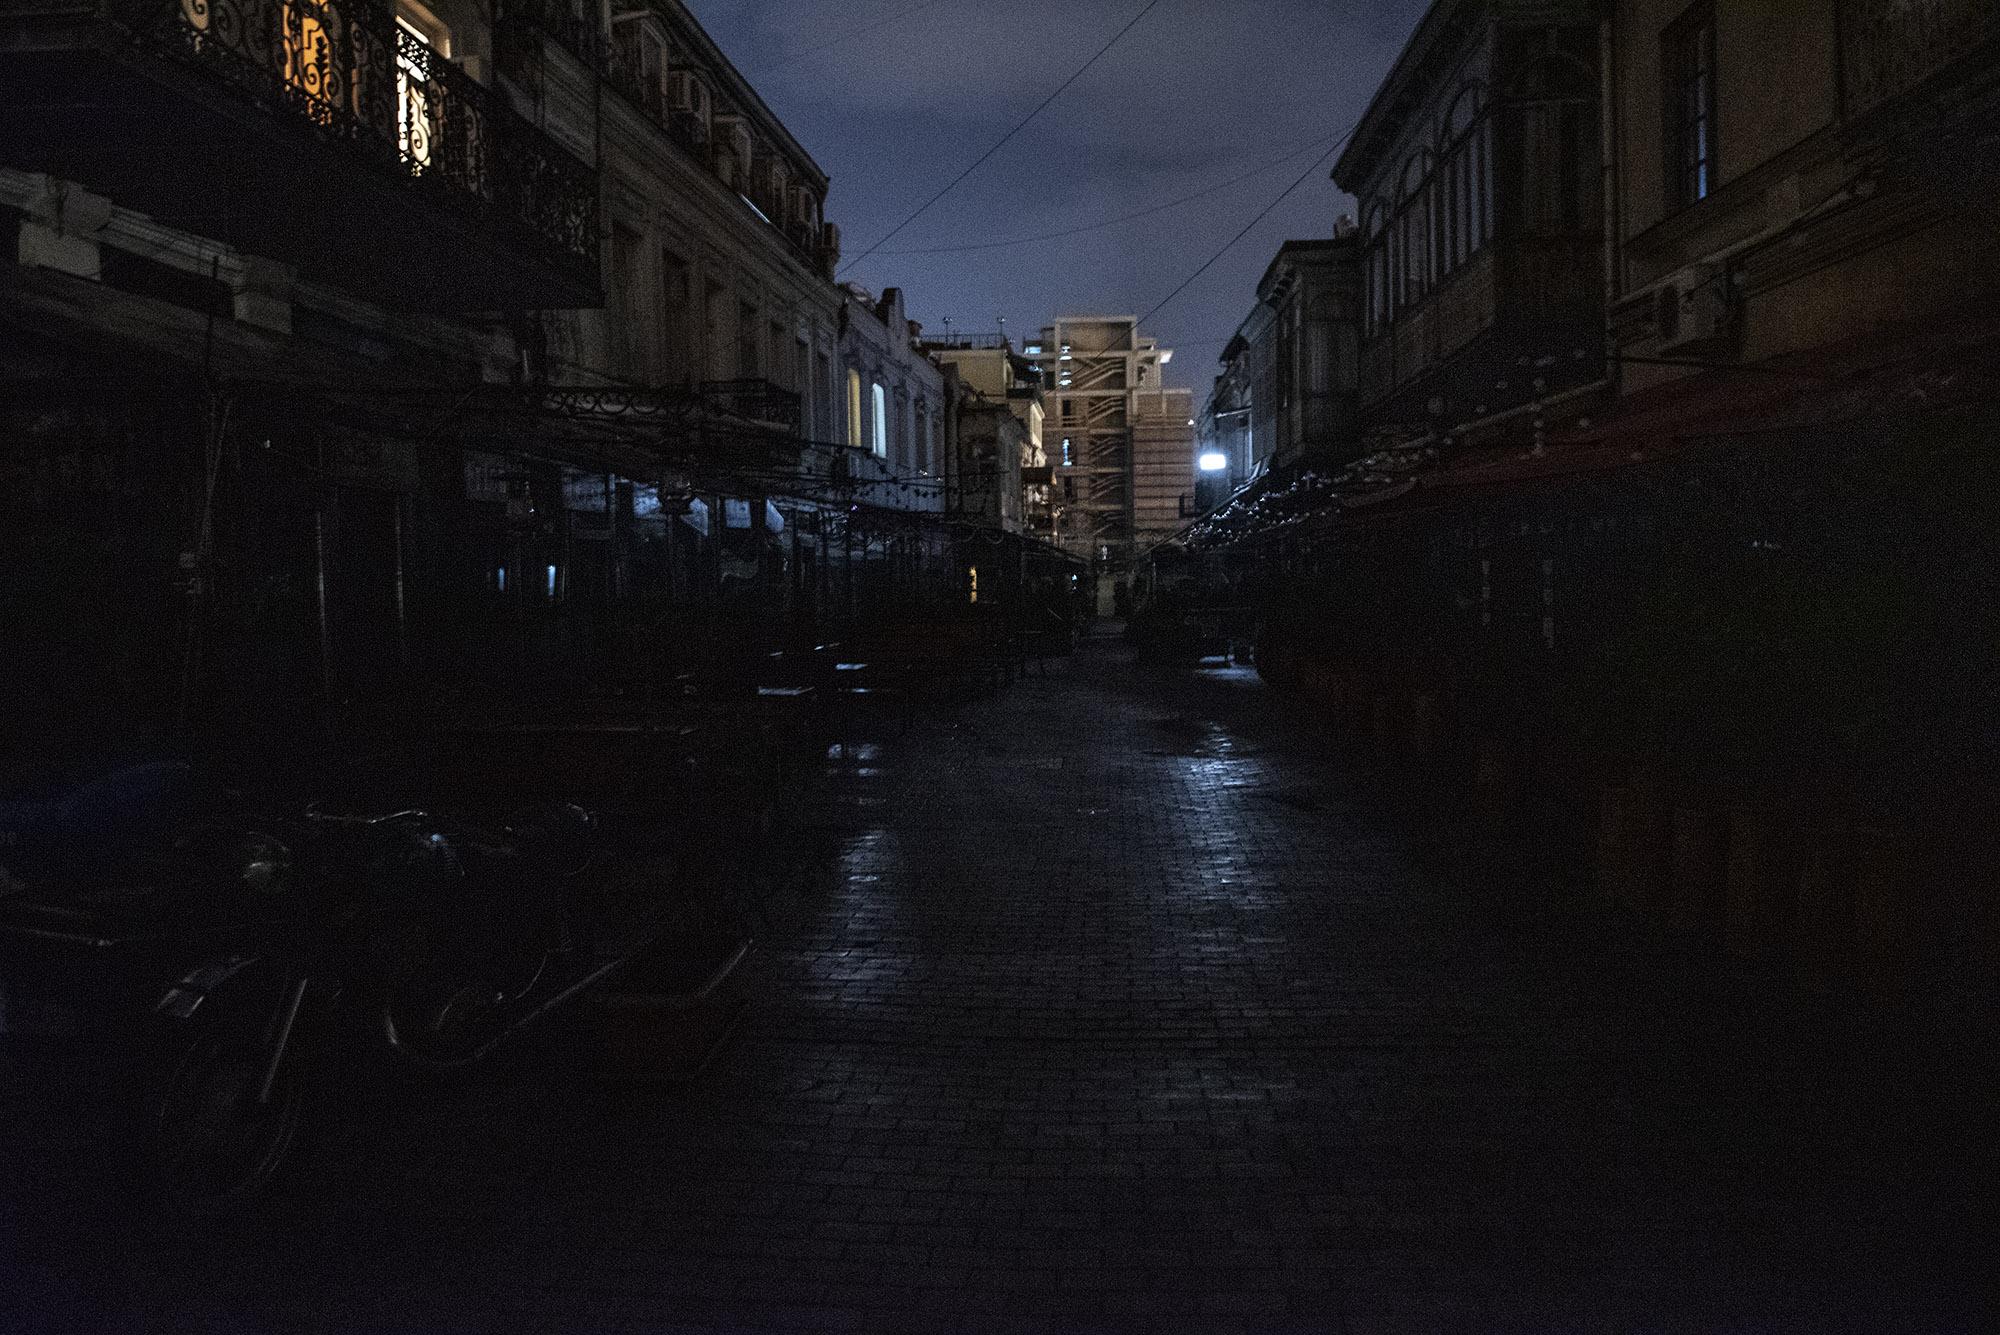 Улица Шардени, одна из самых туристических улиц старого города, в часы комендантского часа погрузилась во тьму. Фото: Мариам Никурадзе/OC Media.